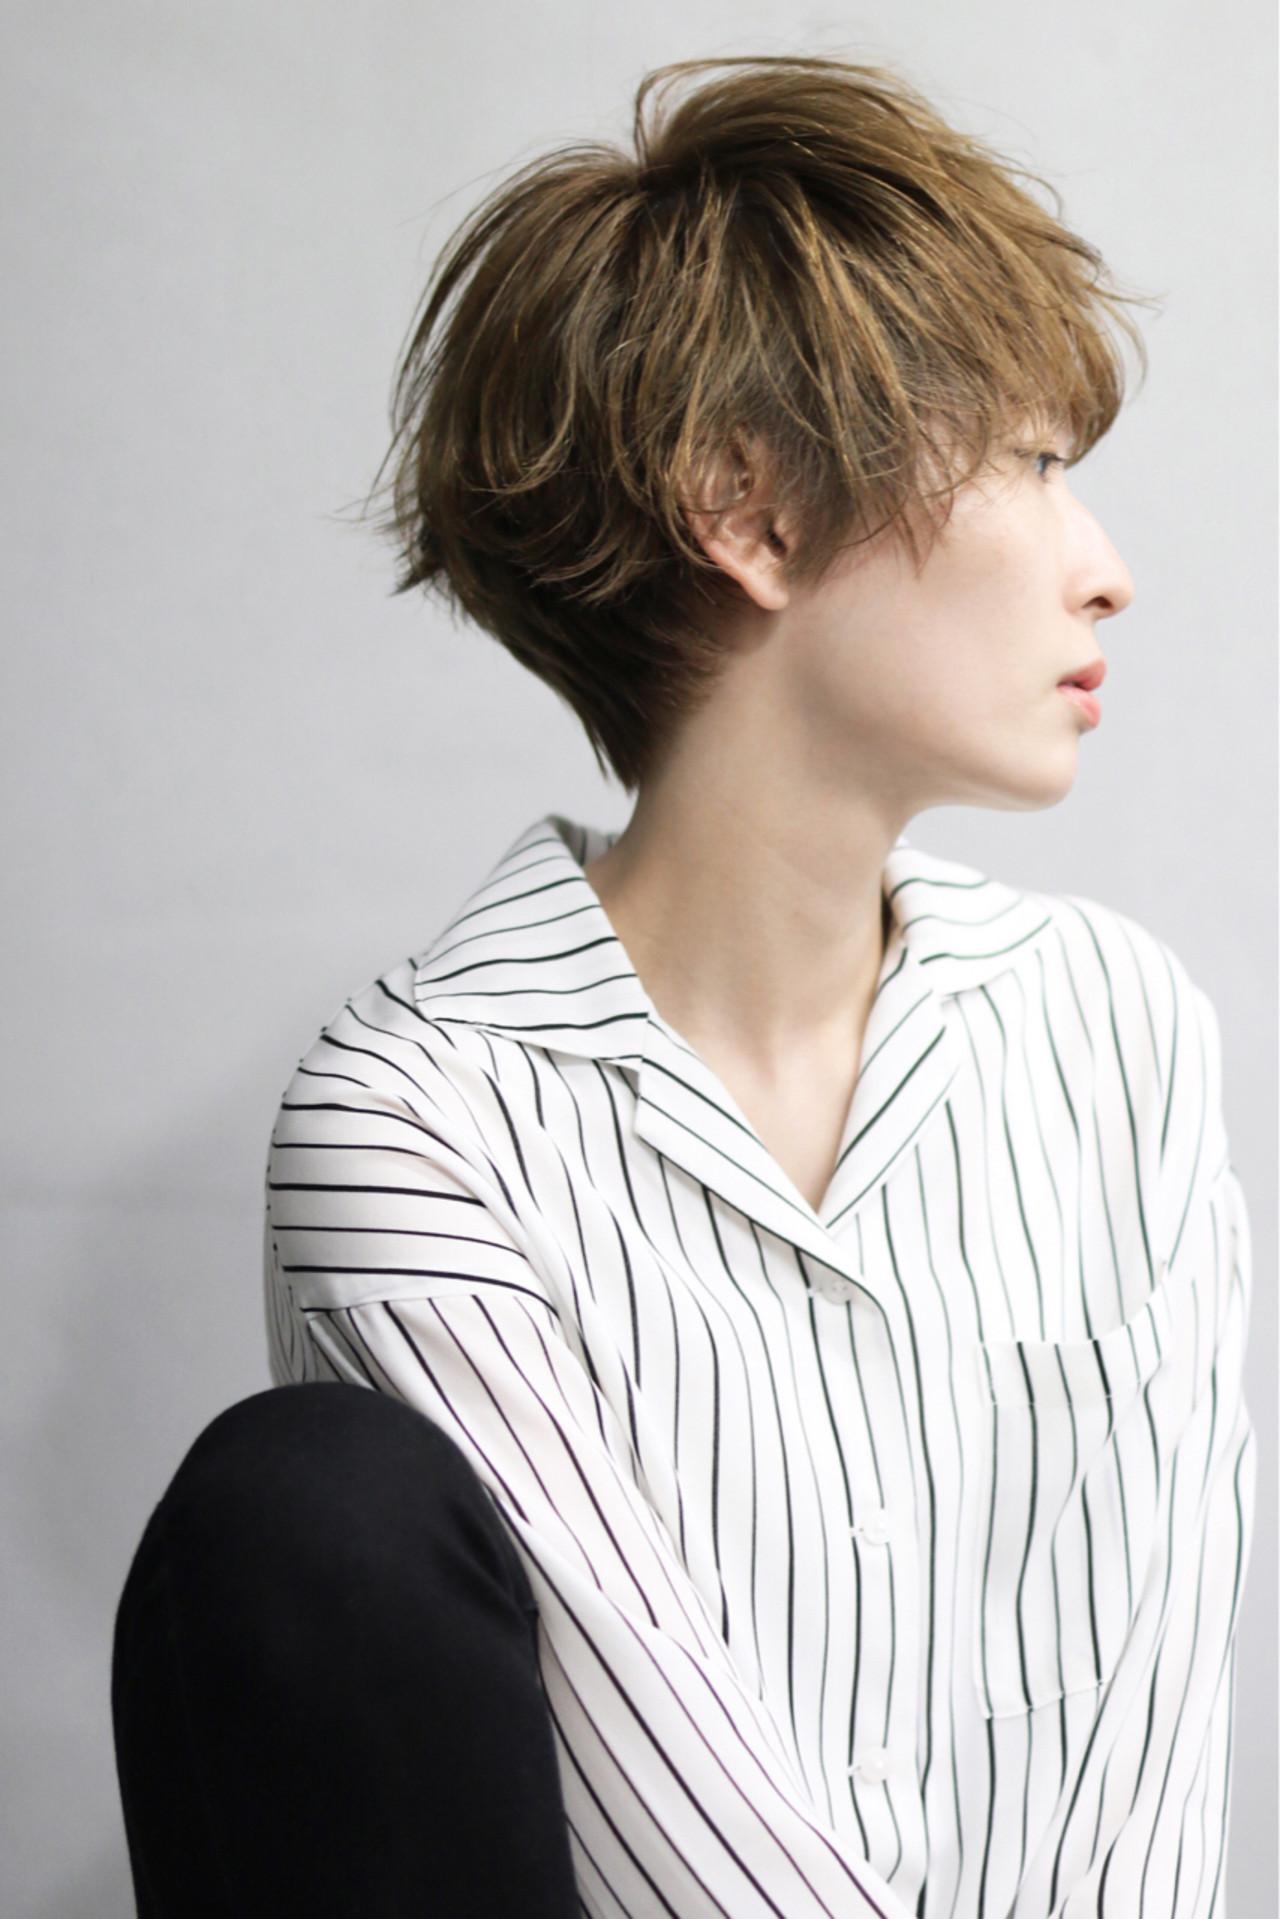 色っぽさを感じるマッシュショートヘアは女性らしさ◎ 伊藤修久